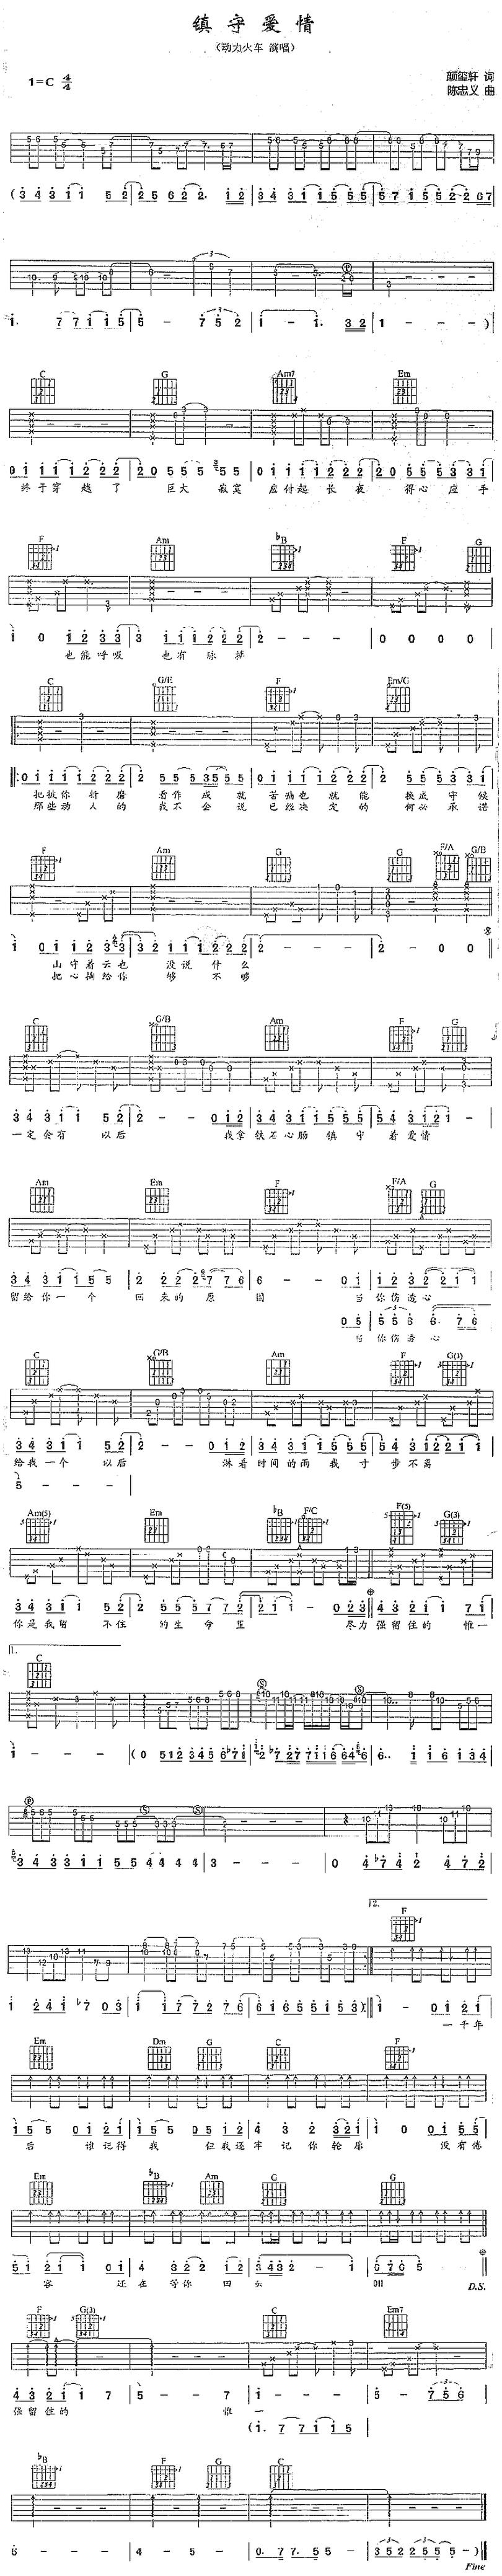 鎮守愛情-動力火車-图片吉他谱-0